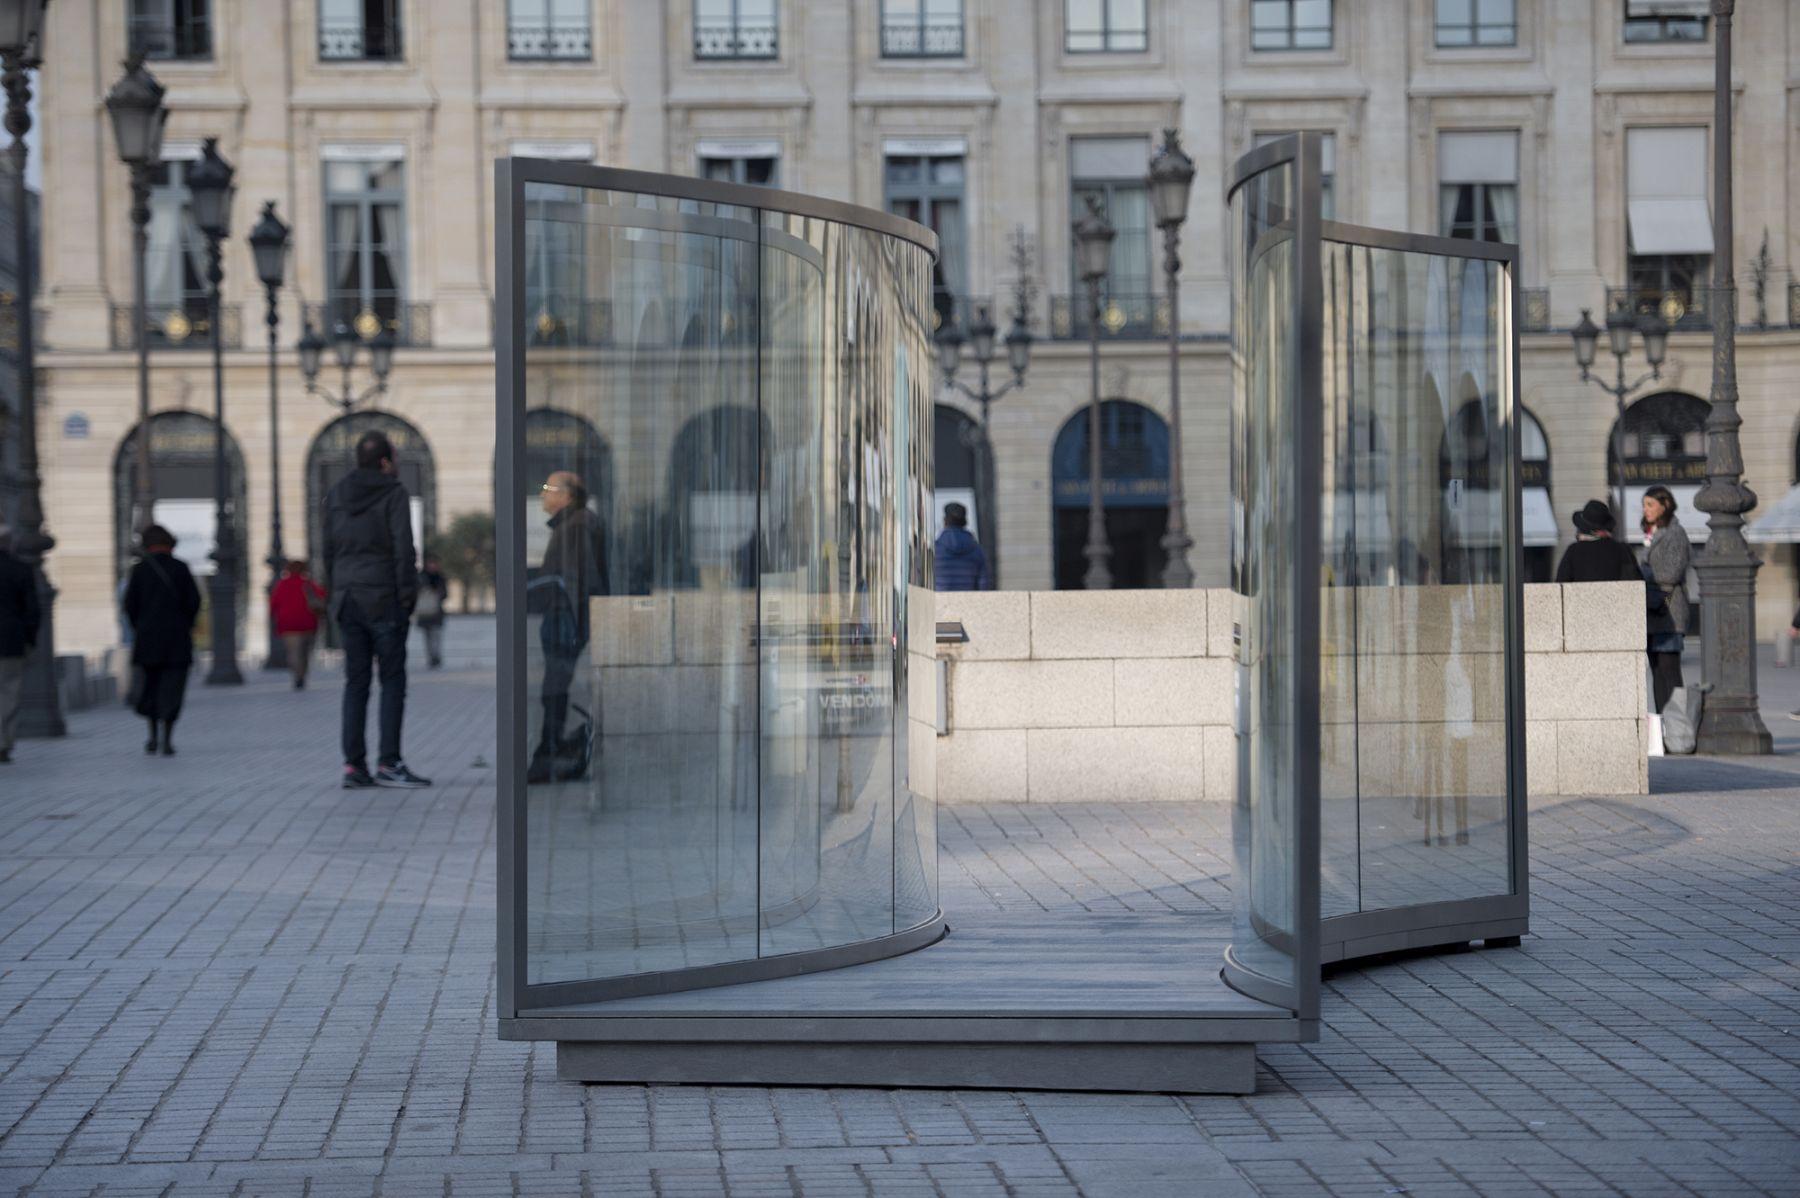 Dan Graham, Installation view, Place Vendôme, Paris, 2015